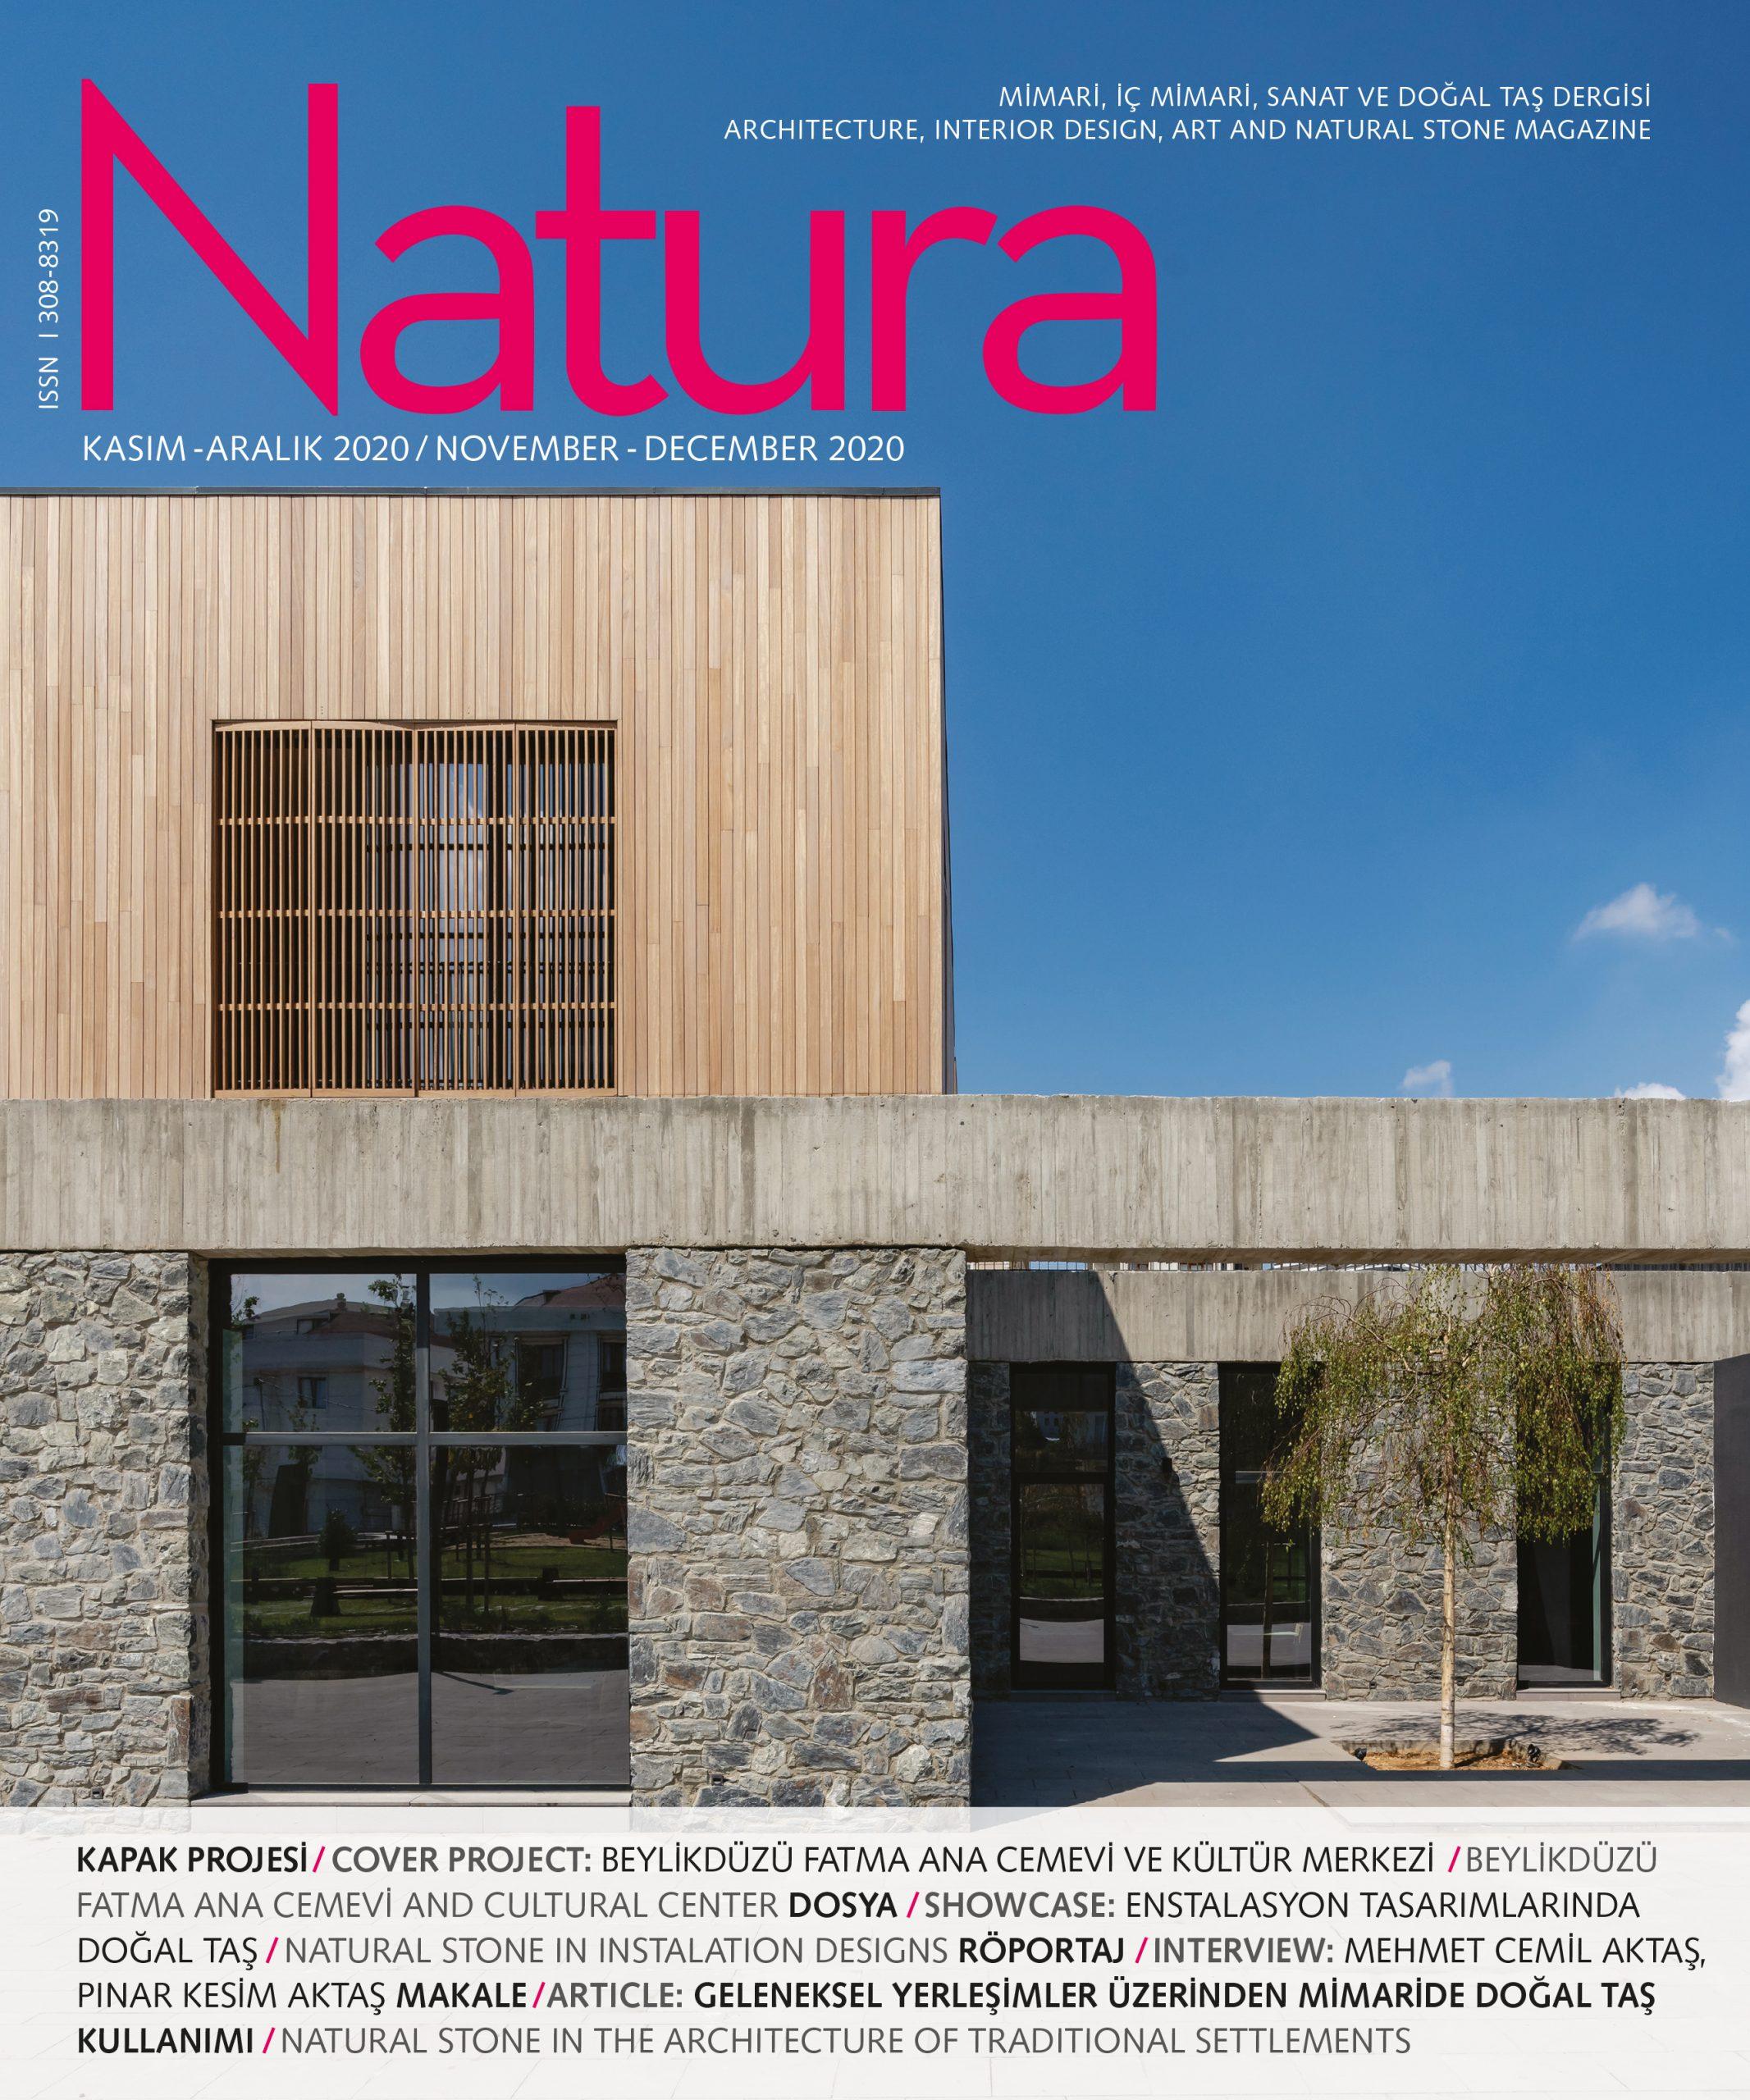 Natura Kasım-Aralık / Natura November-December